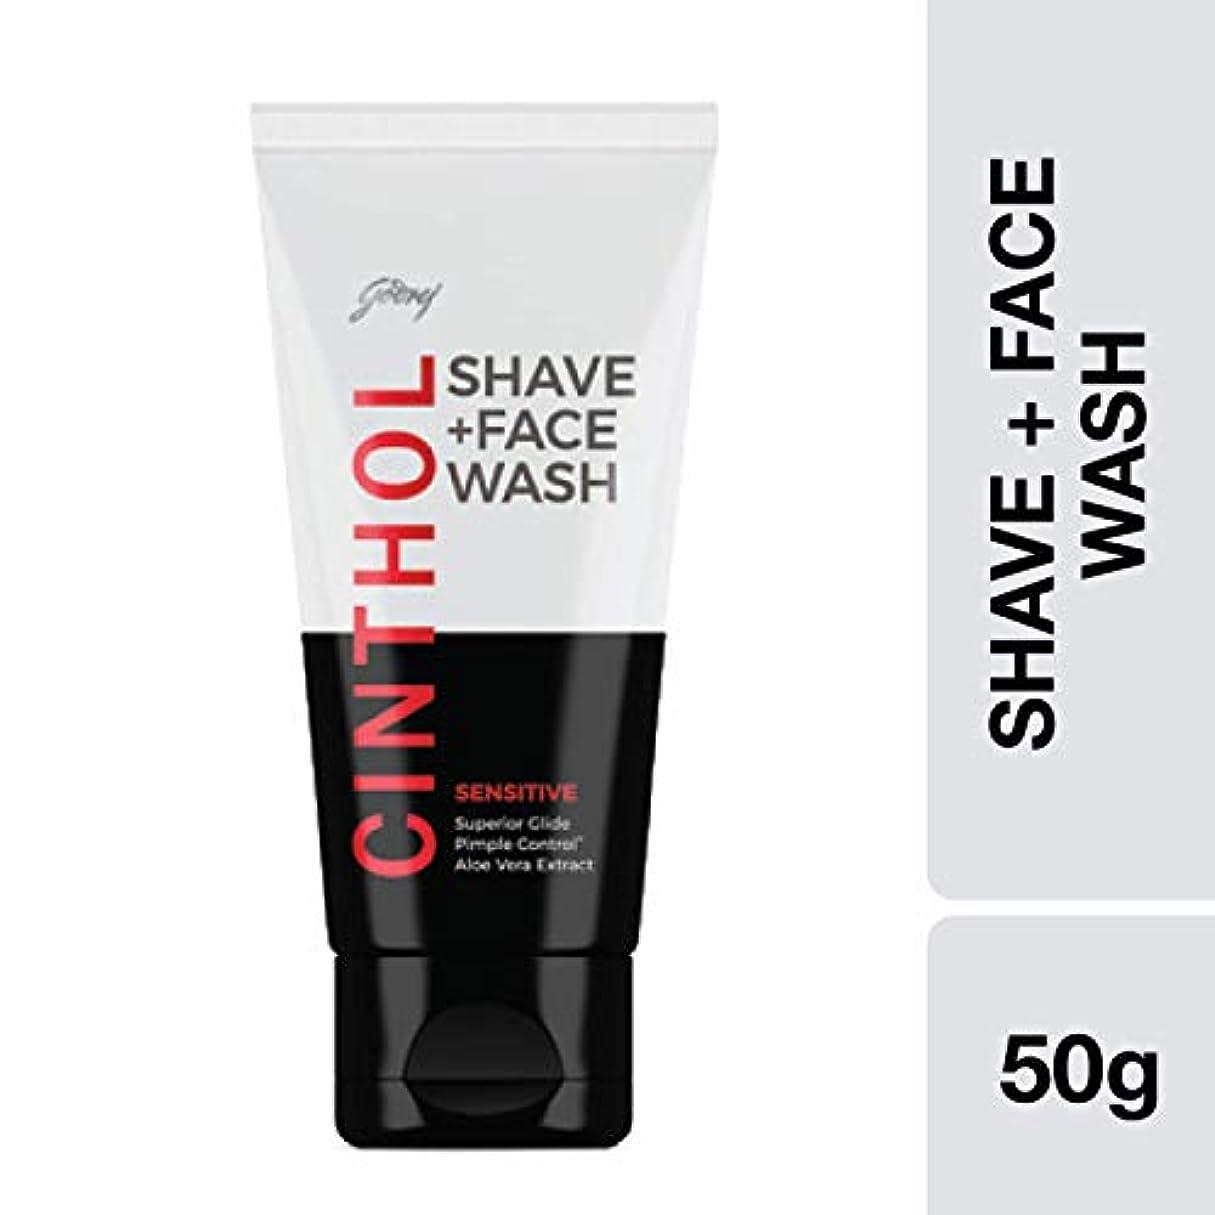 道を作るループ破壊Cinthol Sensitive Shaving + Face Wash, 50g